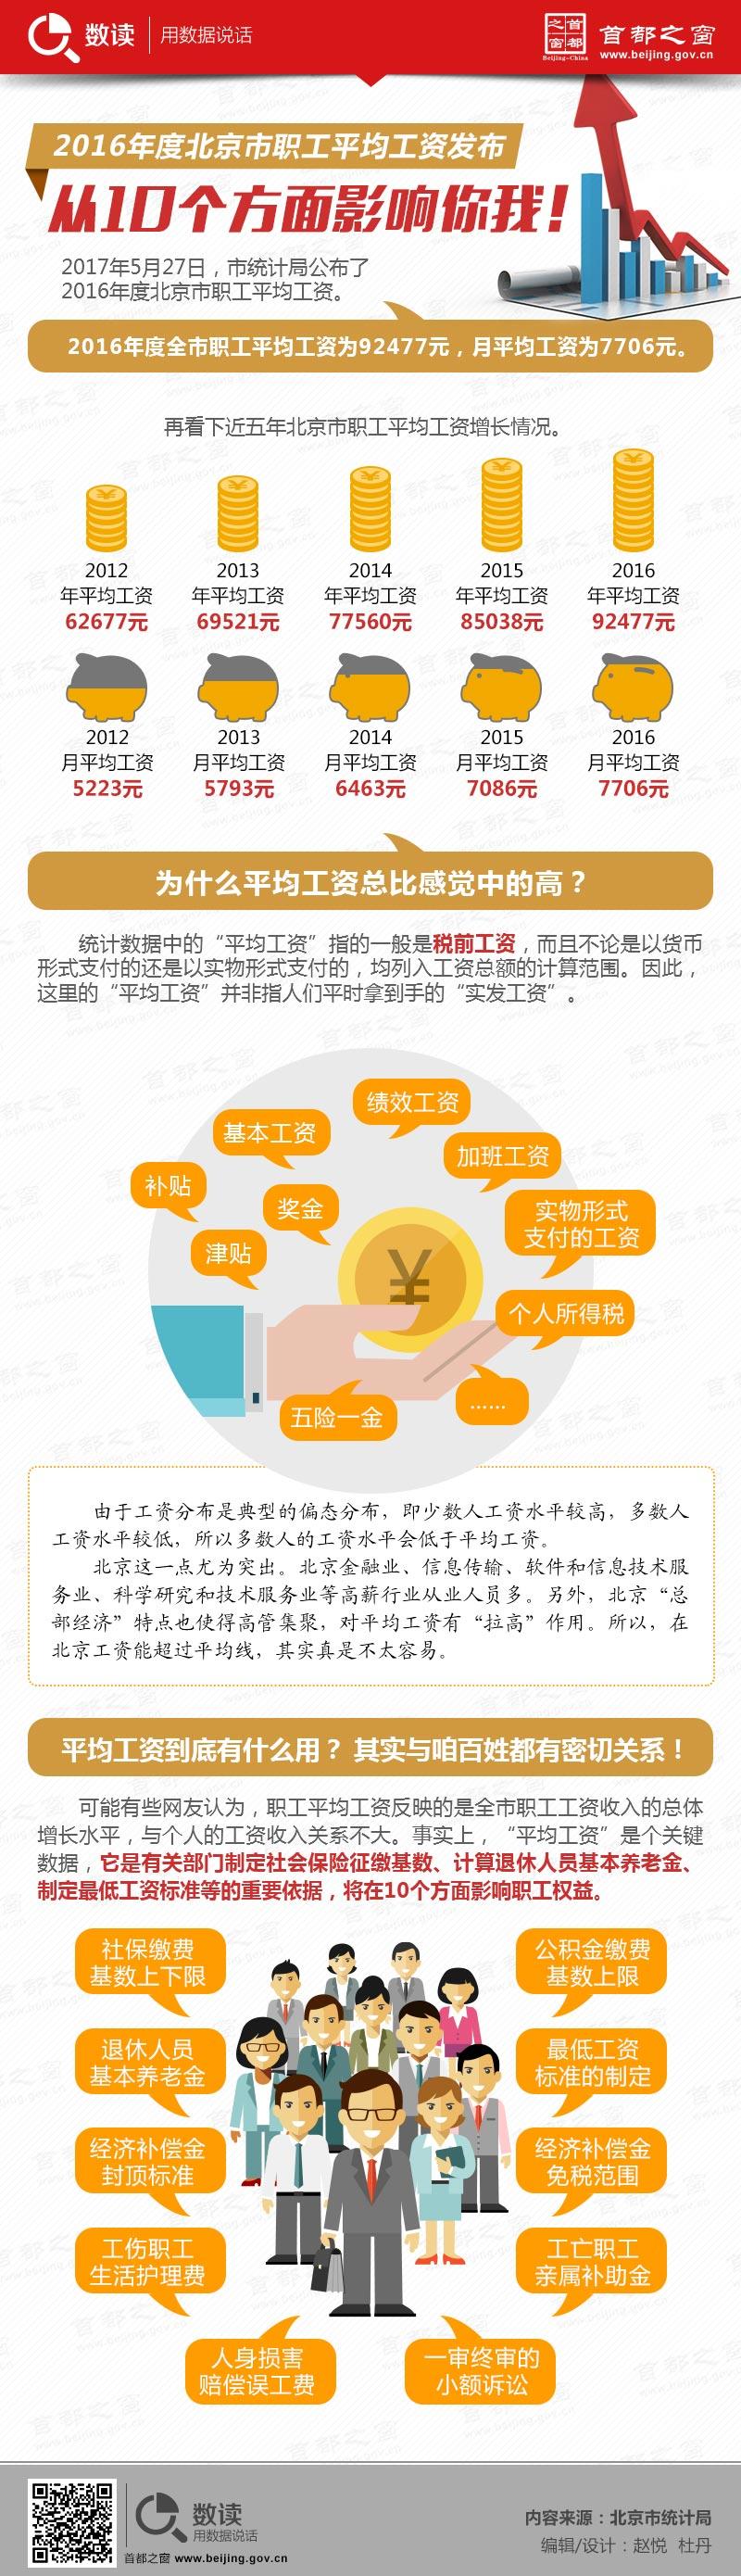 2016年度北京市职工平均工资发布 从10个方面影响你我!